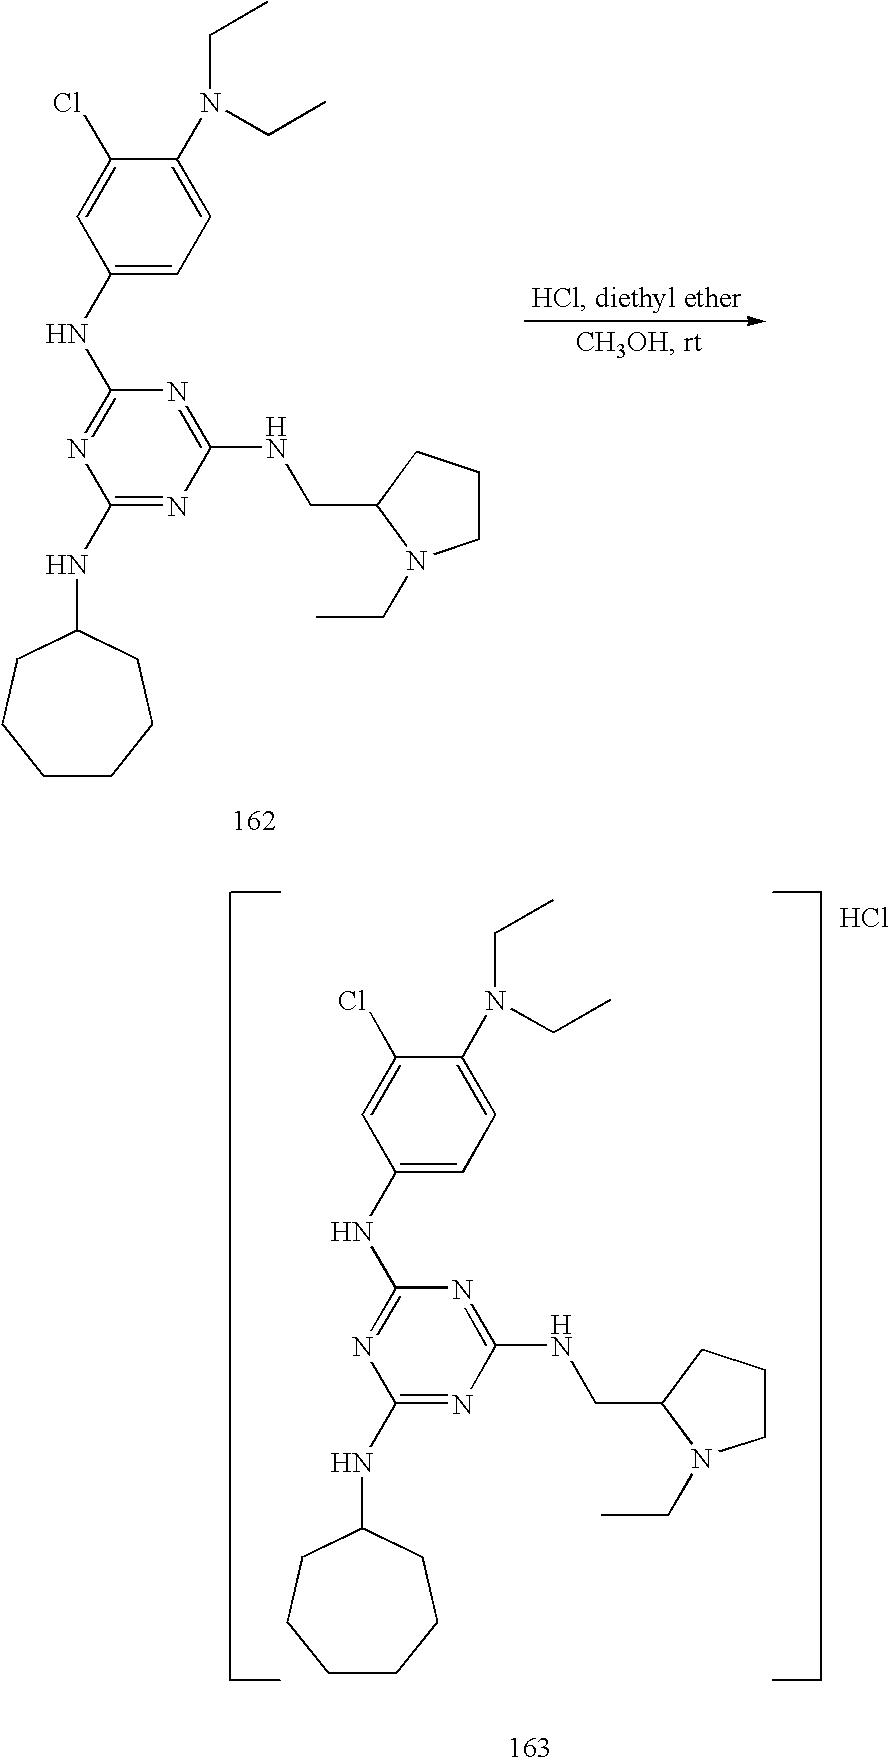 Figure US20050113341A1-20050526-C00184